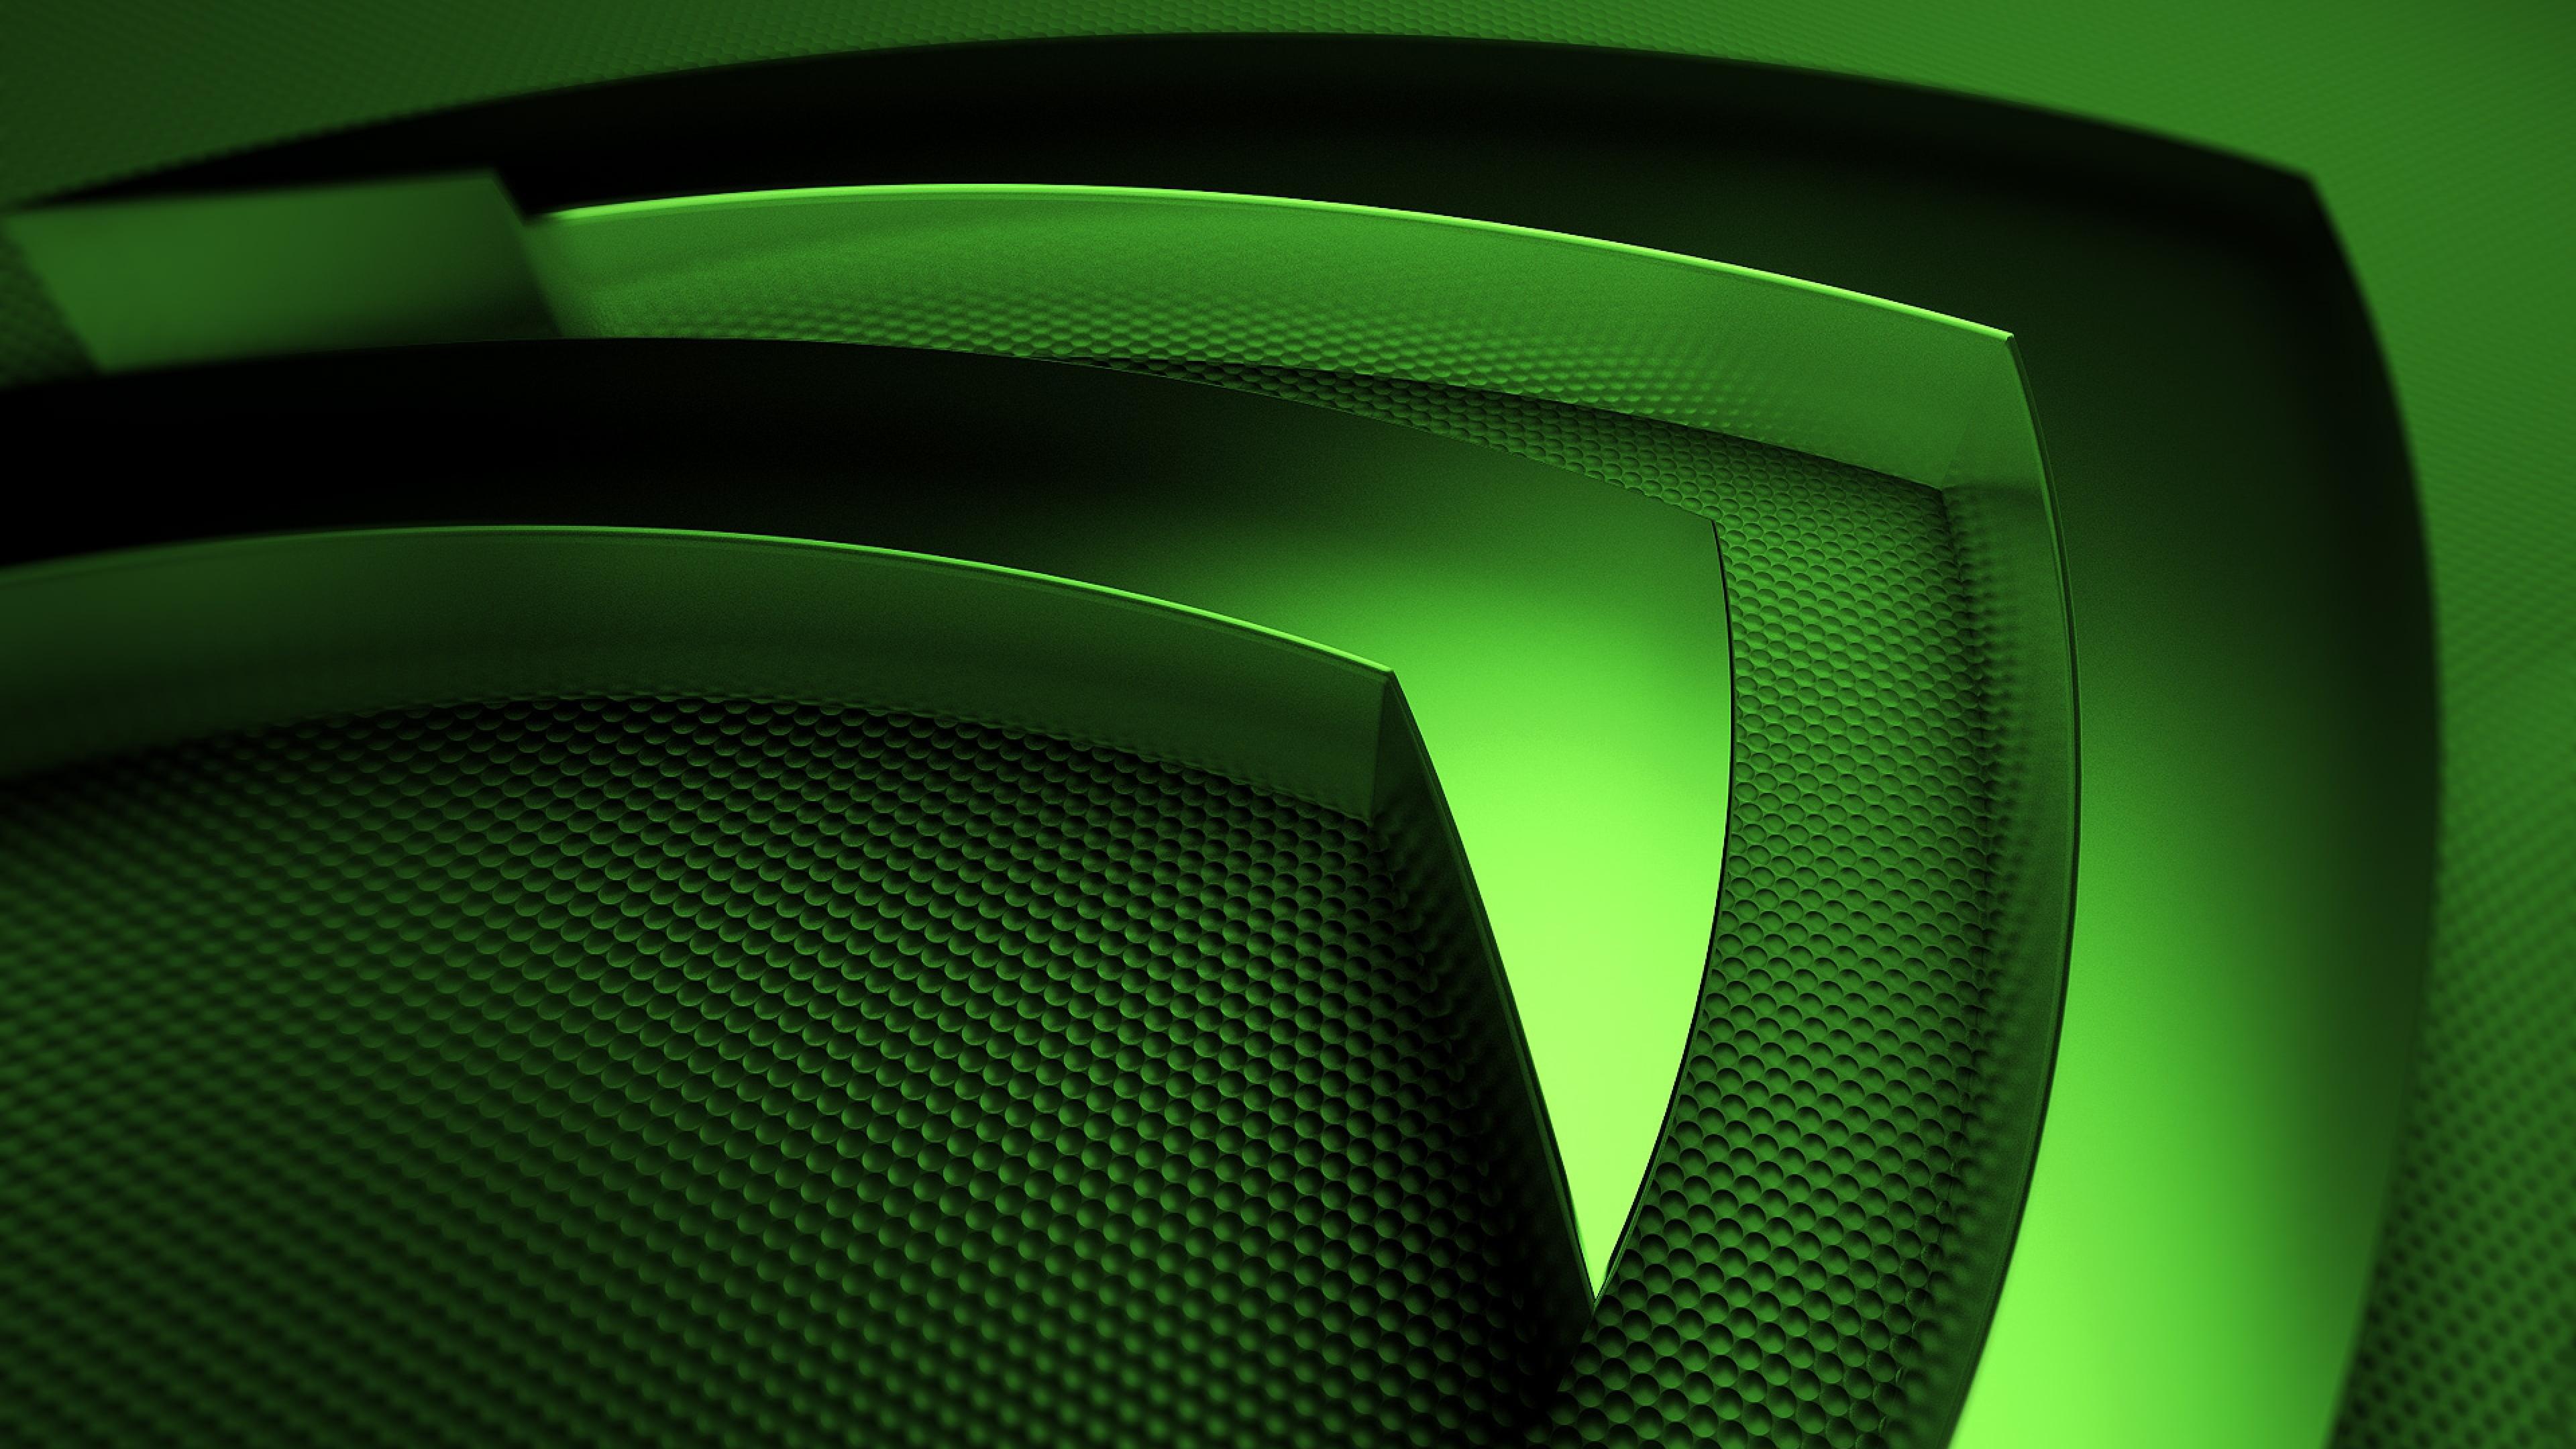 Wallpaper 3840x2160 nvidia green symbol 4K Ultra HD HD Background 3840x2160